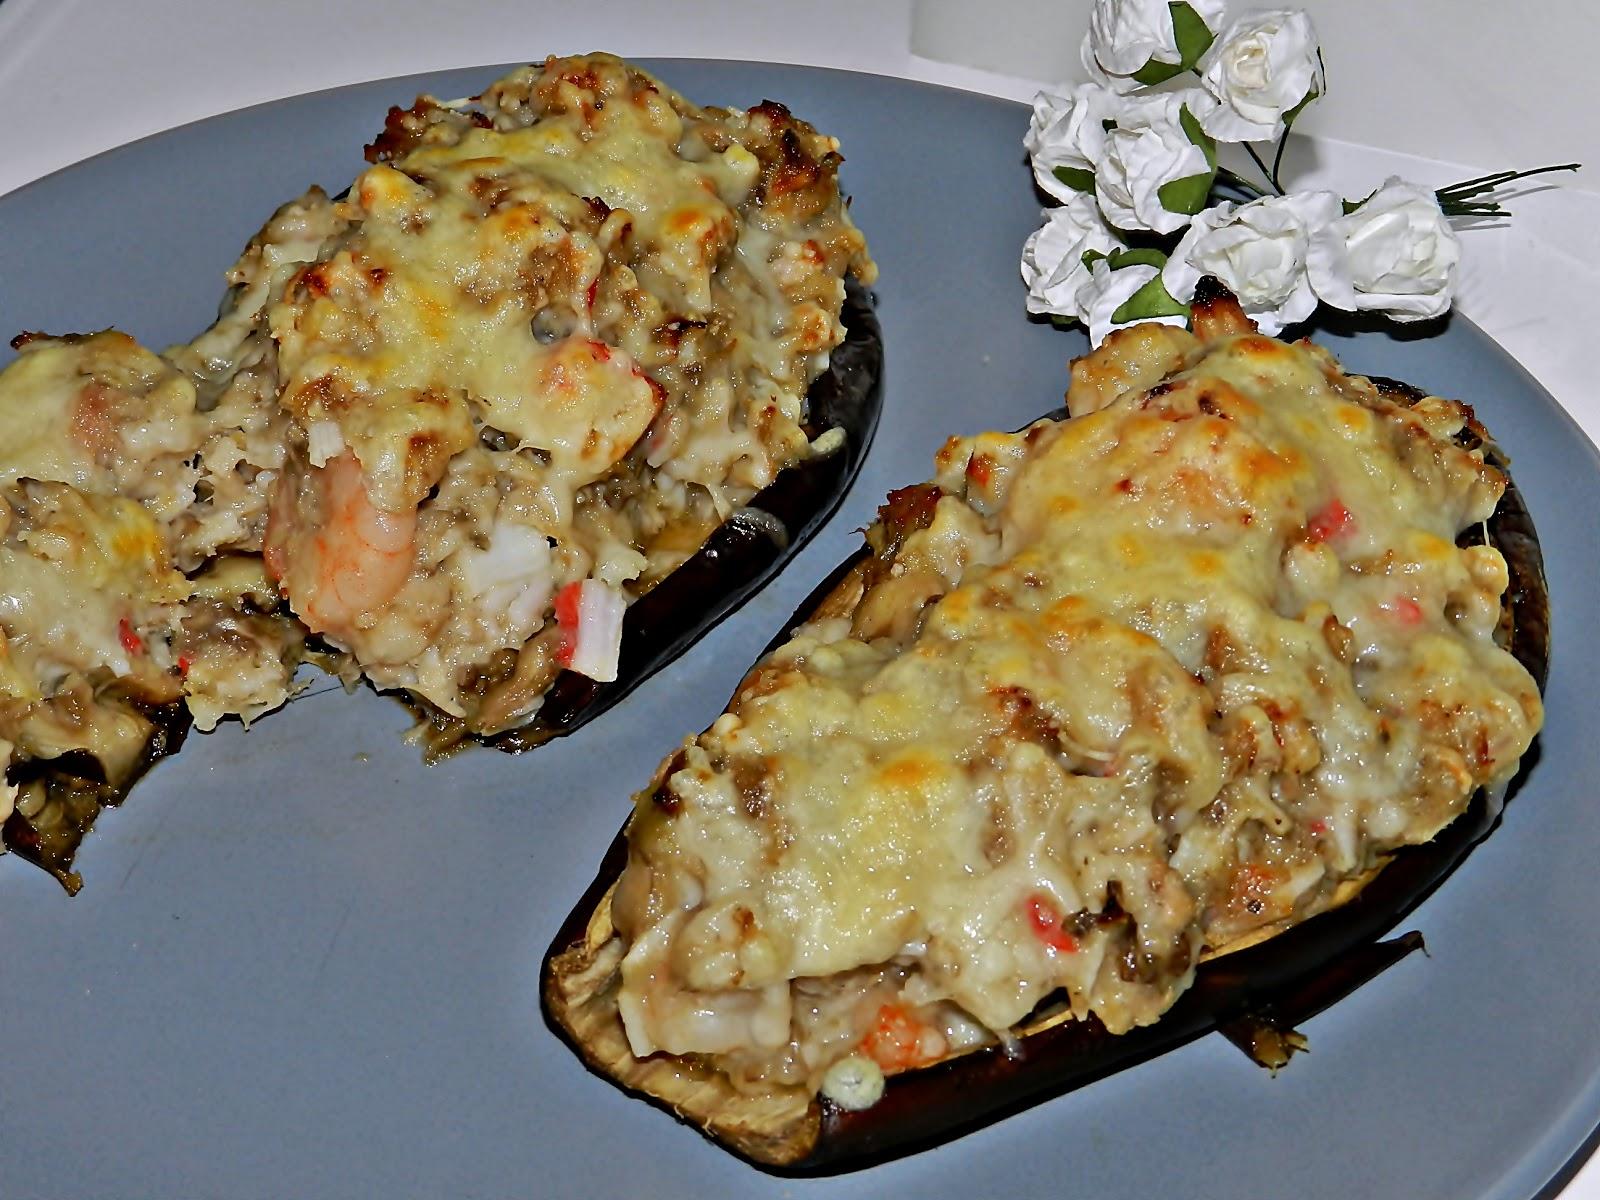 La cocina de vifran berenjenas rellenas de at n gambas y for Cocina berenjenas rellenas